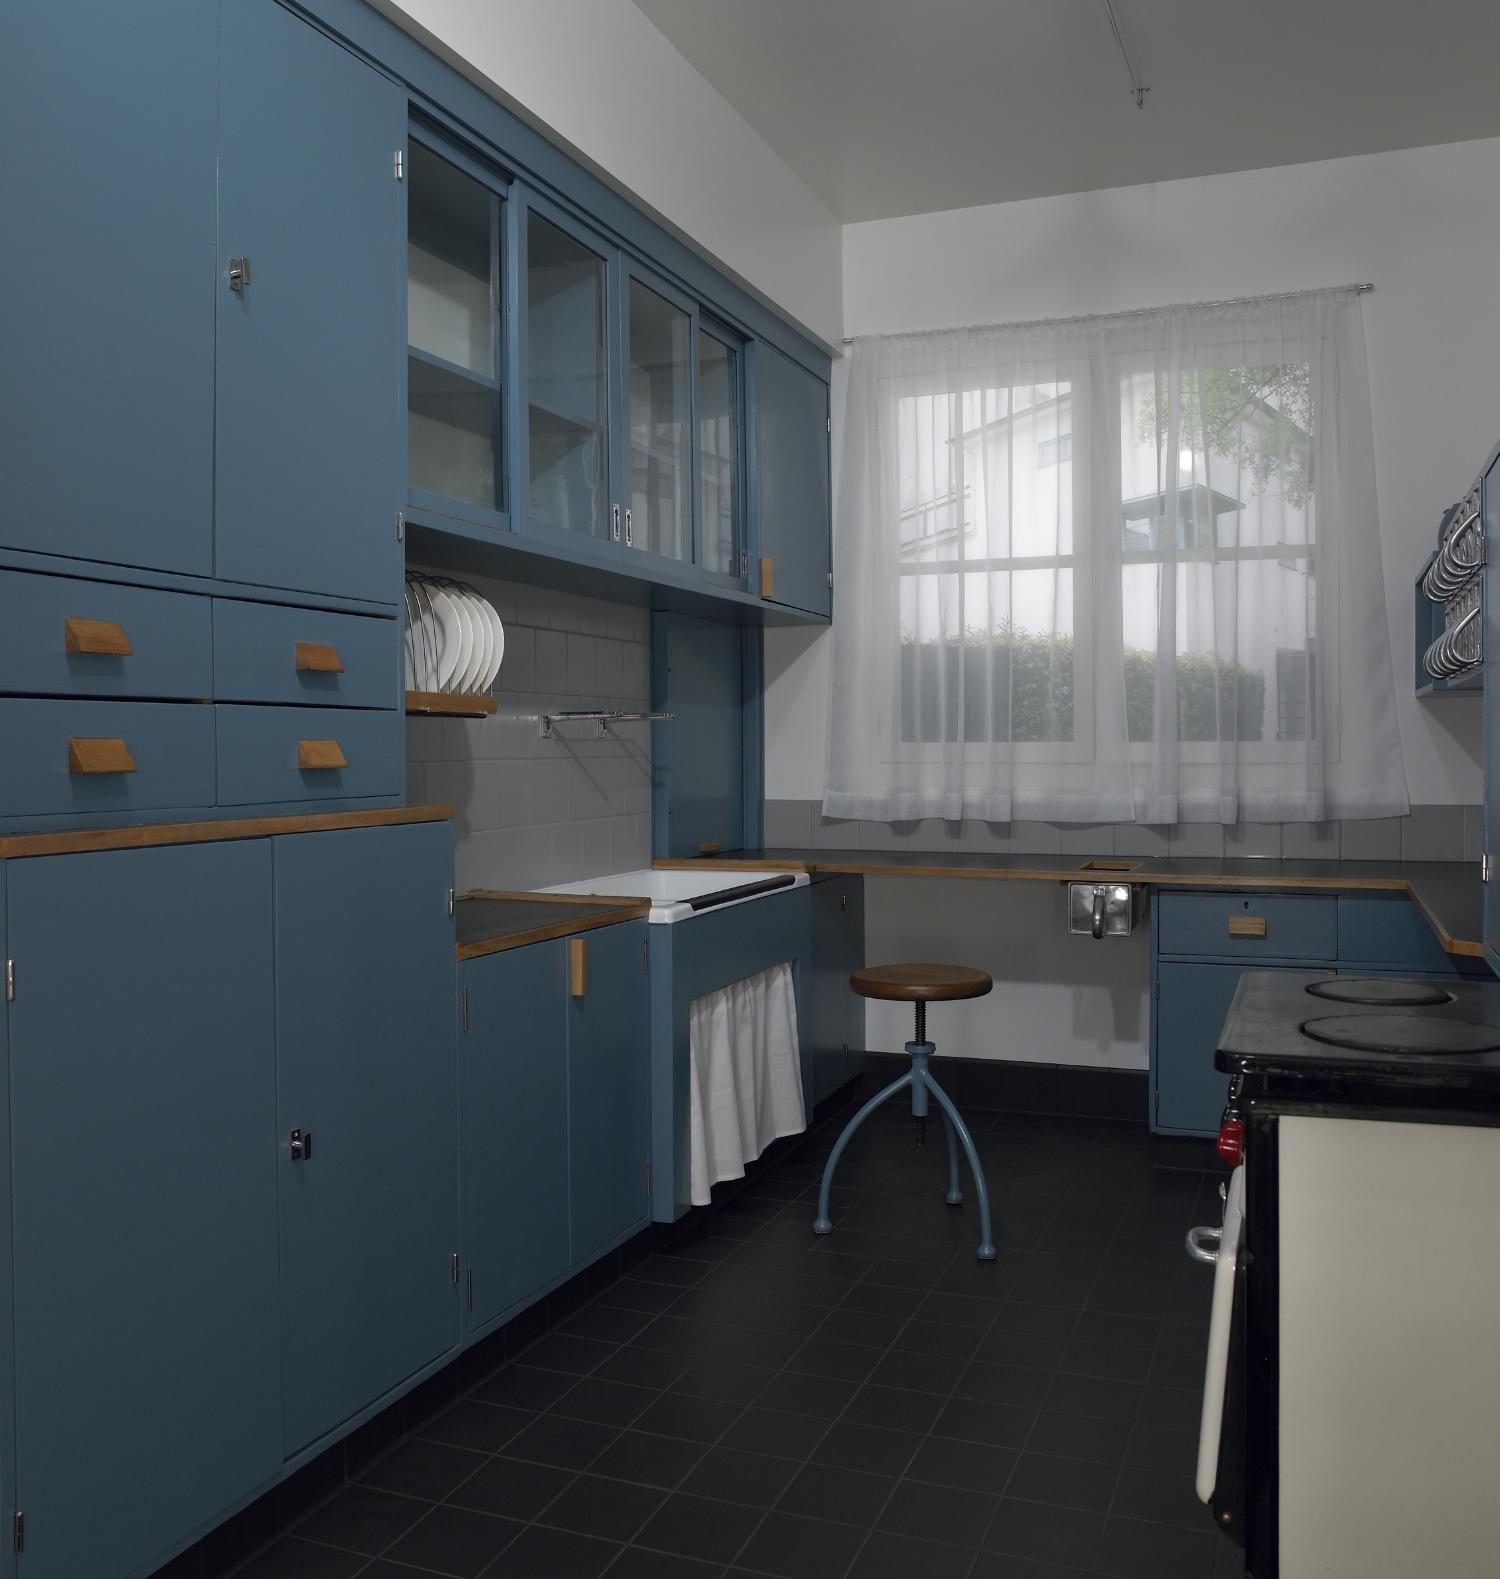 Kuchnia Lihotzky miała być tania, ergonomiczna i przystosowana do masowej produkcji. Na zdjęciu rekonstrukcja w Muzeum Sztuki w Minneapolis (fot. commons.wikimedia.org)